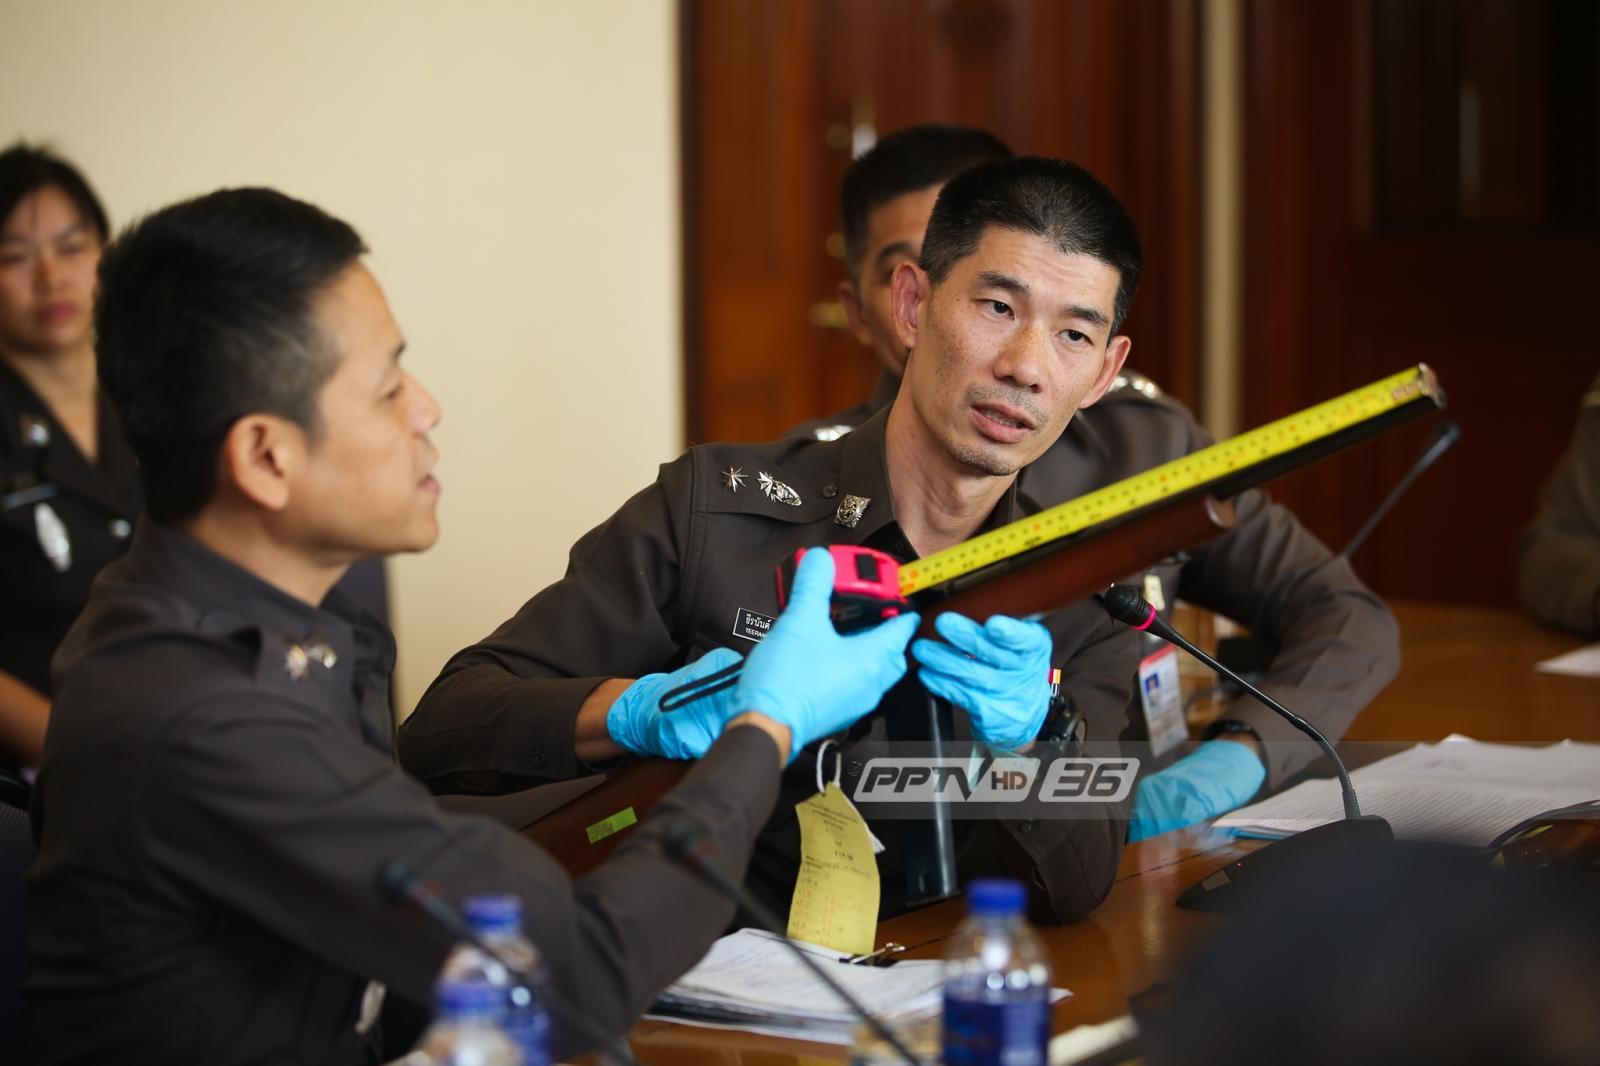 """พฐ. เปิดผลตรวจพบลายนิ้วมือ """"เปรมชัย"""" ที่โกร่งไกปืนลูกซอง"""